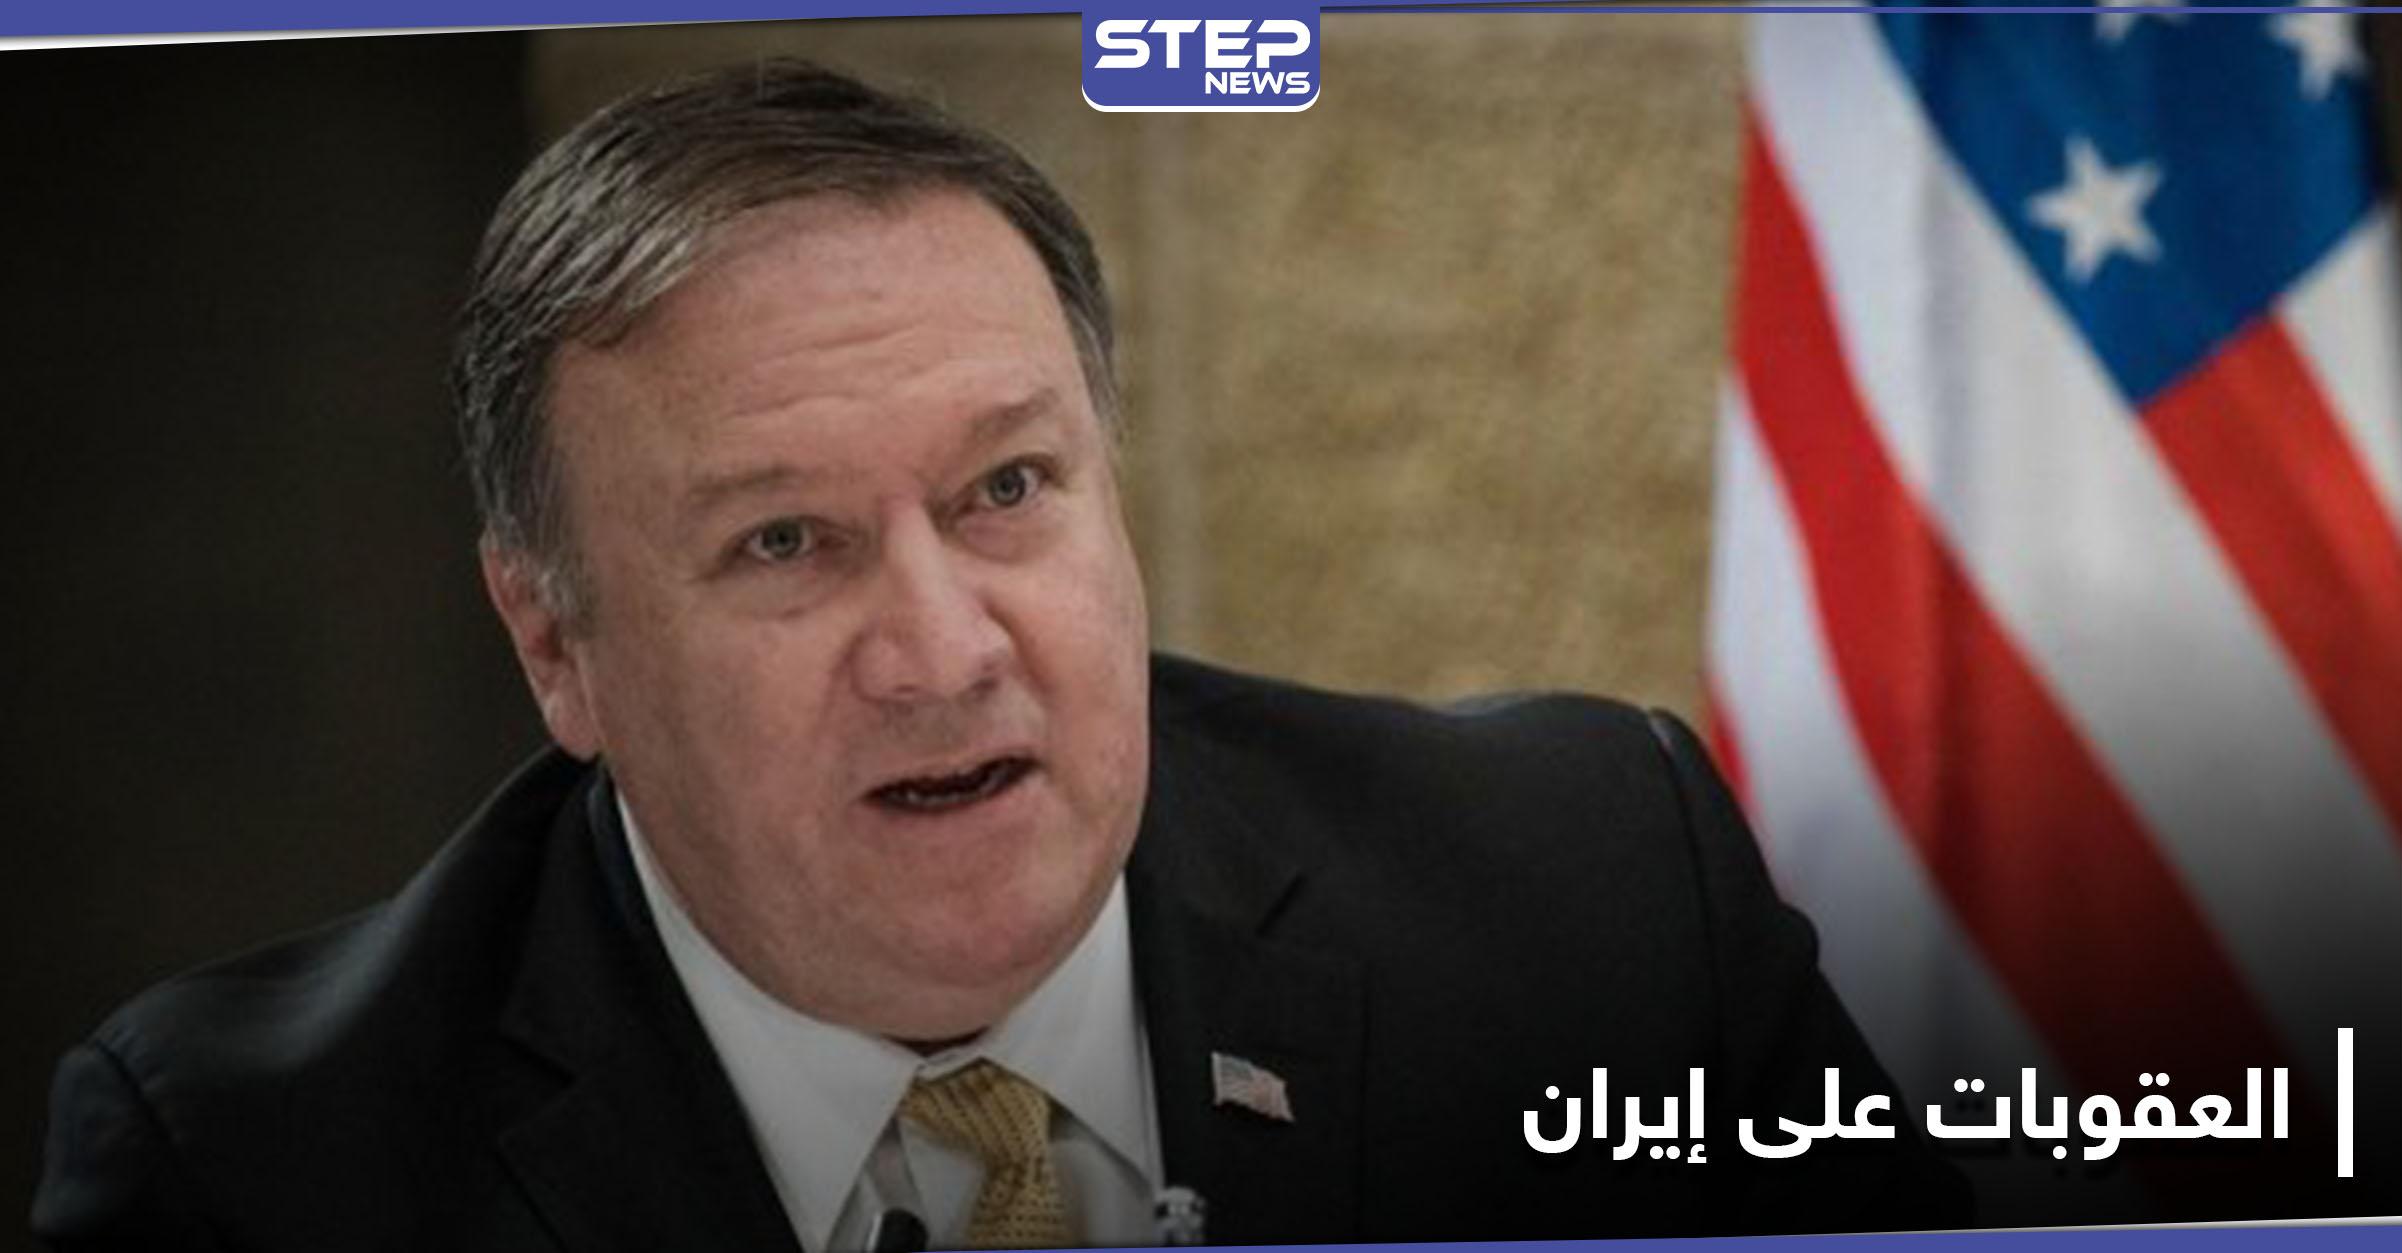 أمريكا تجدد العقوبات على إيران وتهدد كل من يتعامل معها